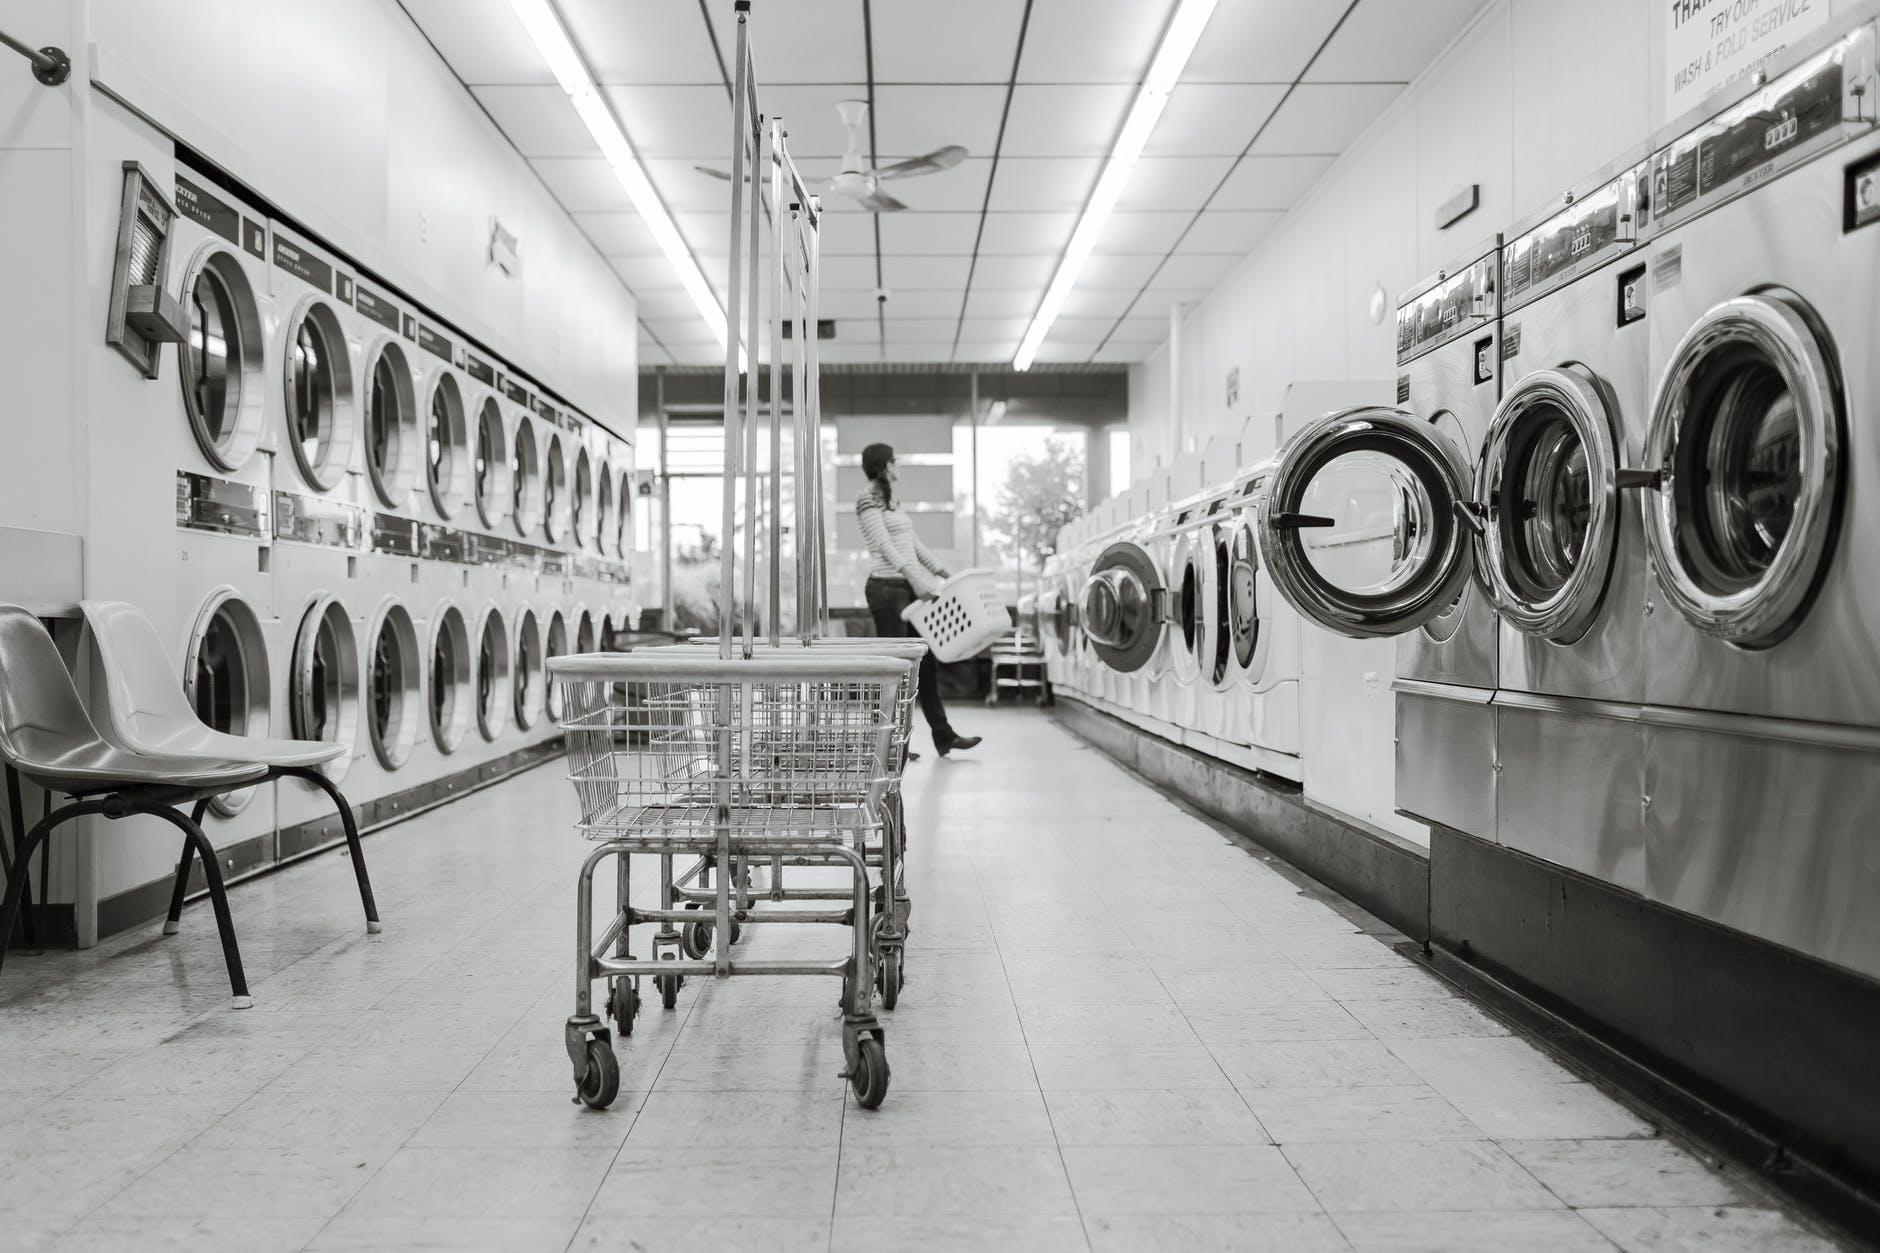 Como economizar em condomínios com lavanderias coletivas